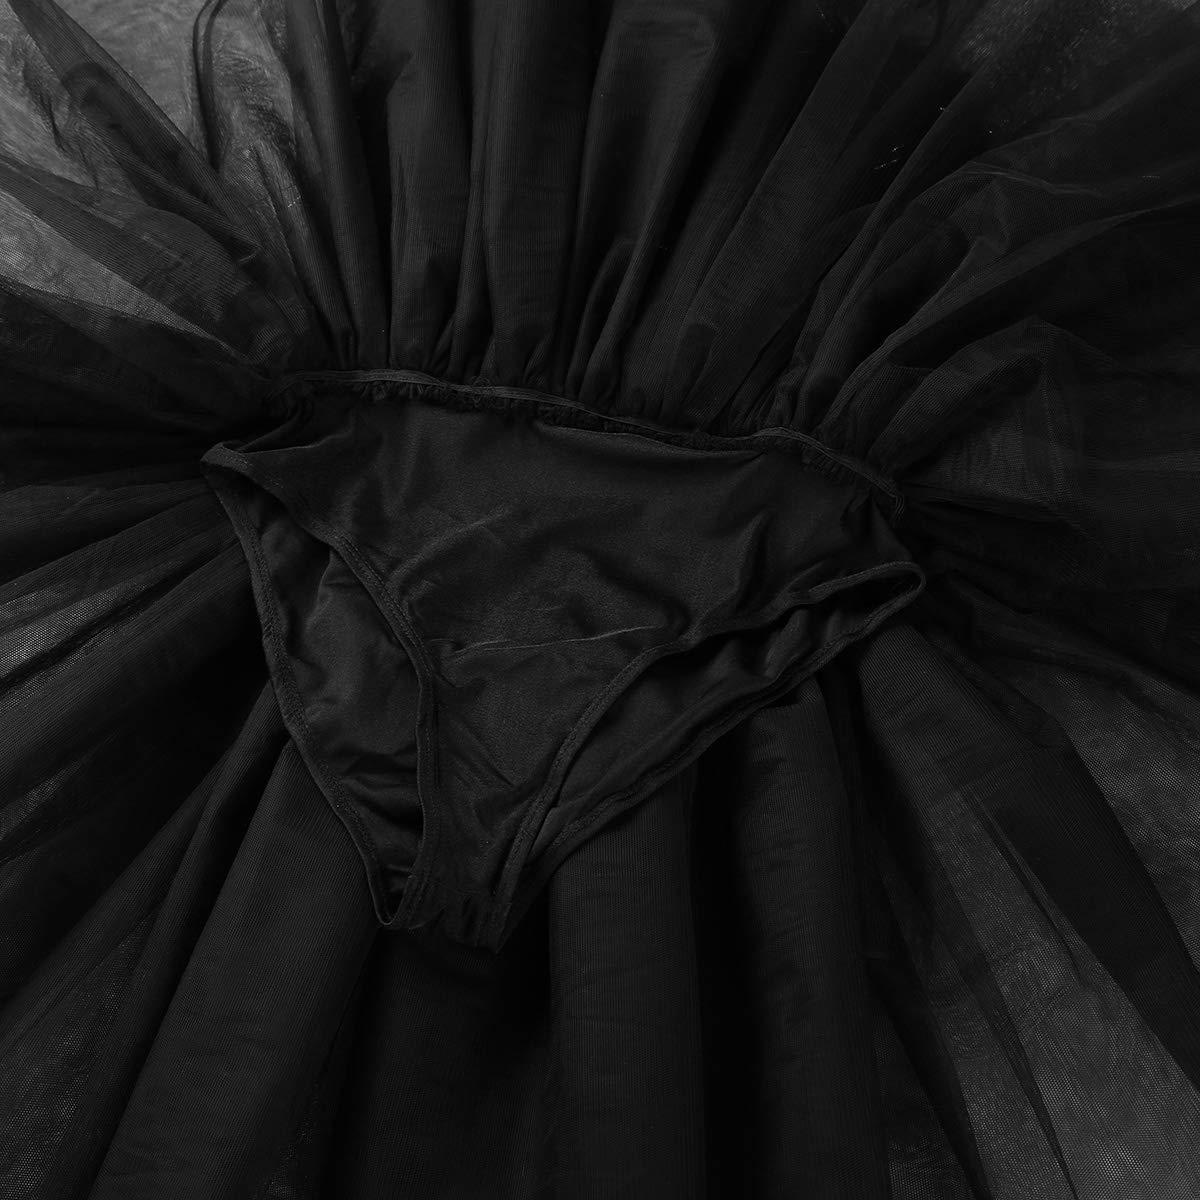 dPois Vestido de Cisne Mujer Maillot Danza Ballet Mallot con Falda Tul para Chica Adulto Dancewear Blanco//Negro